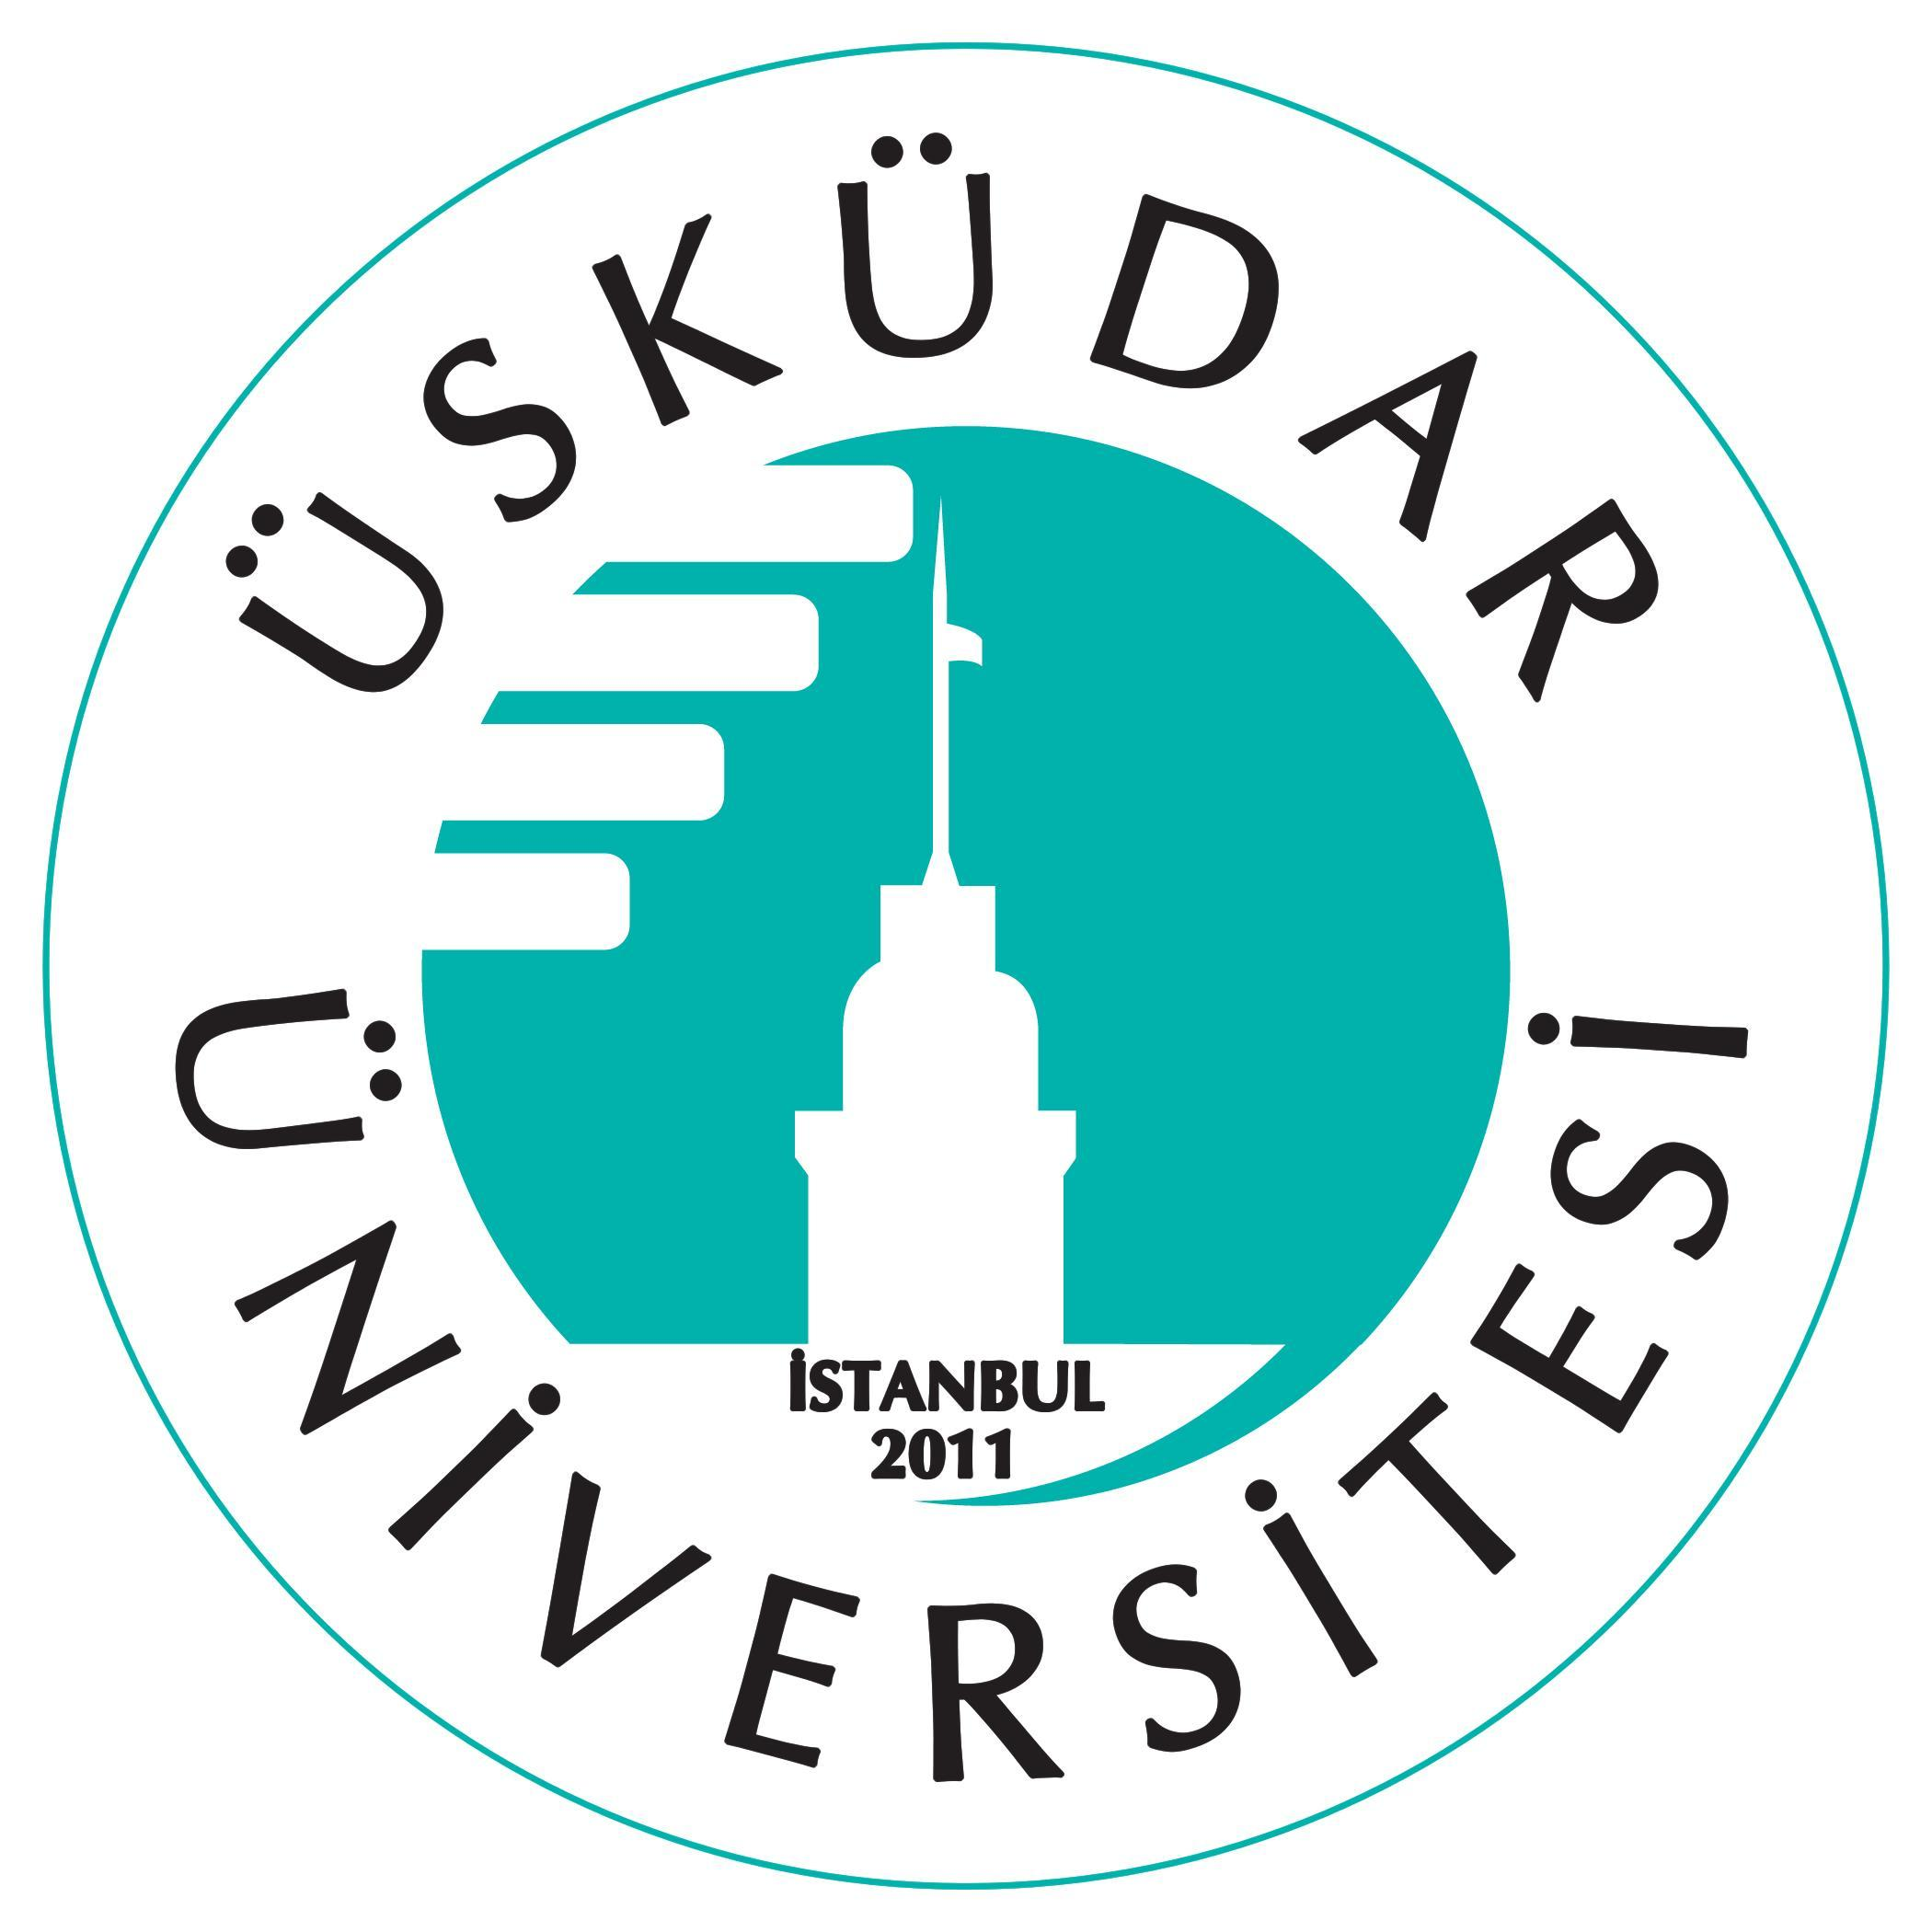 جامعة اسكودار – Üsküdar Üniversitesi